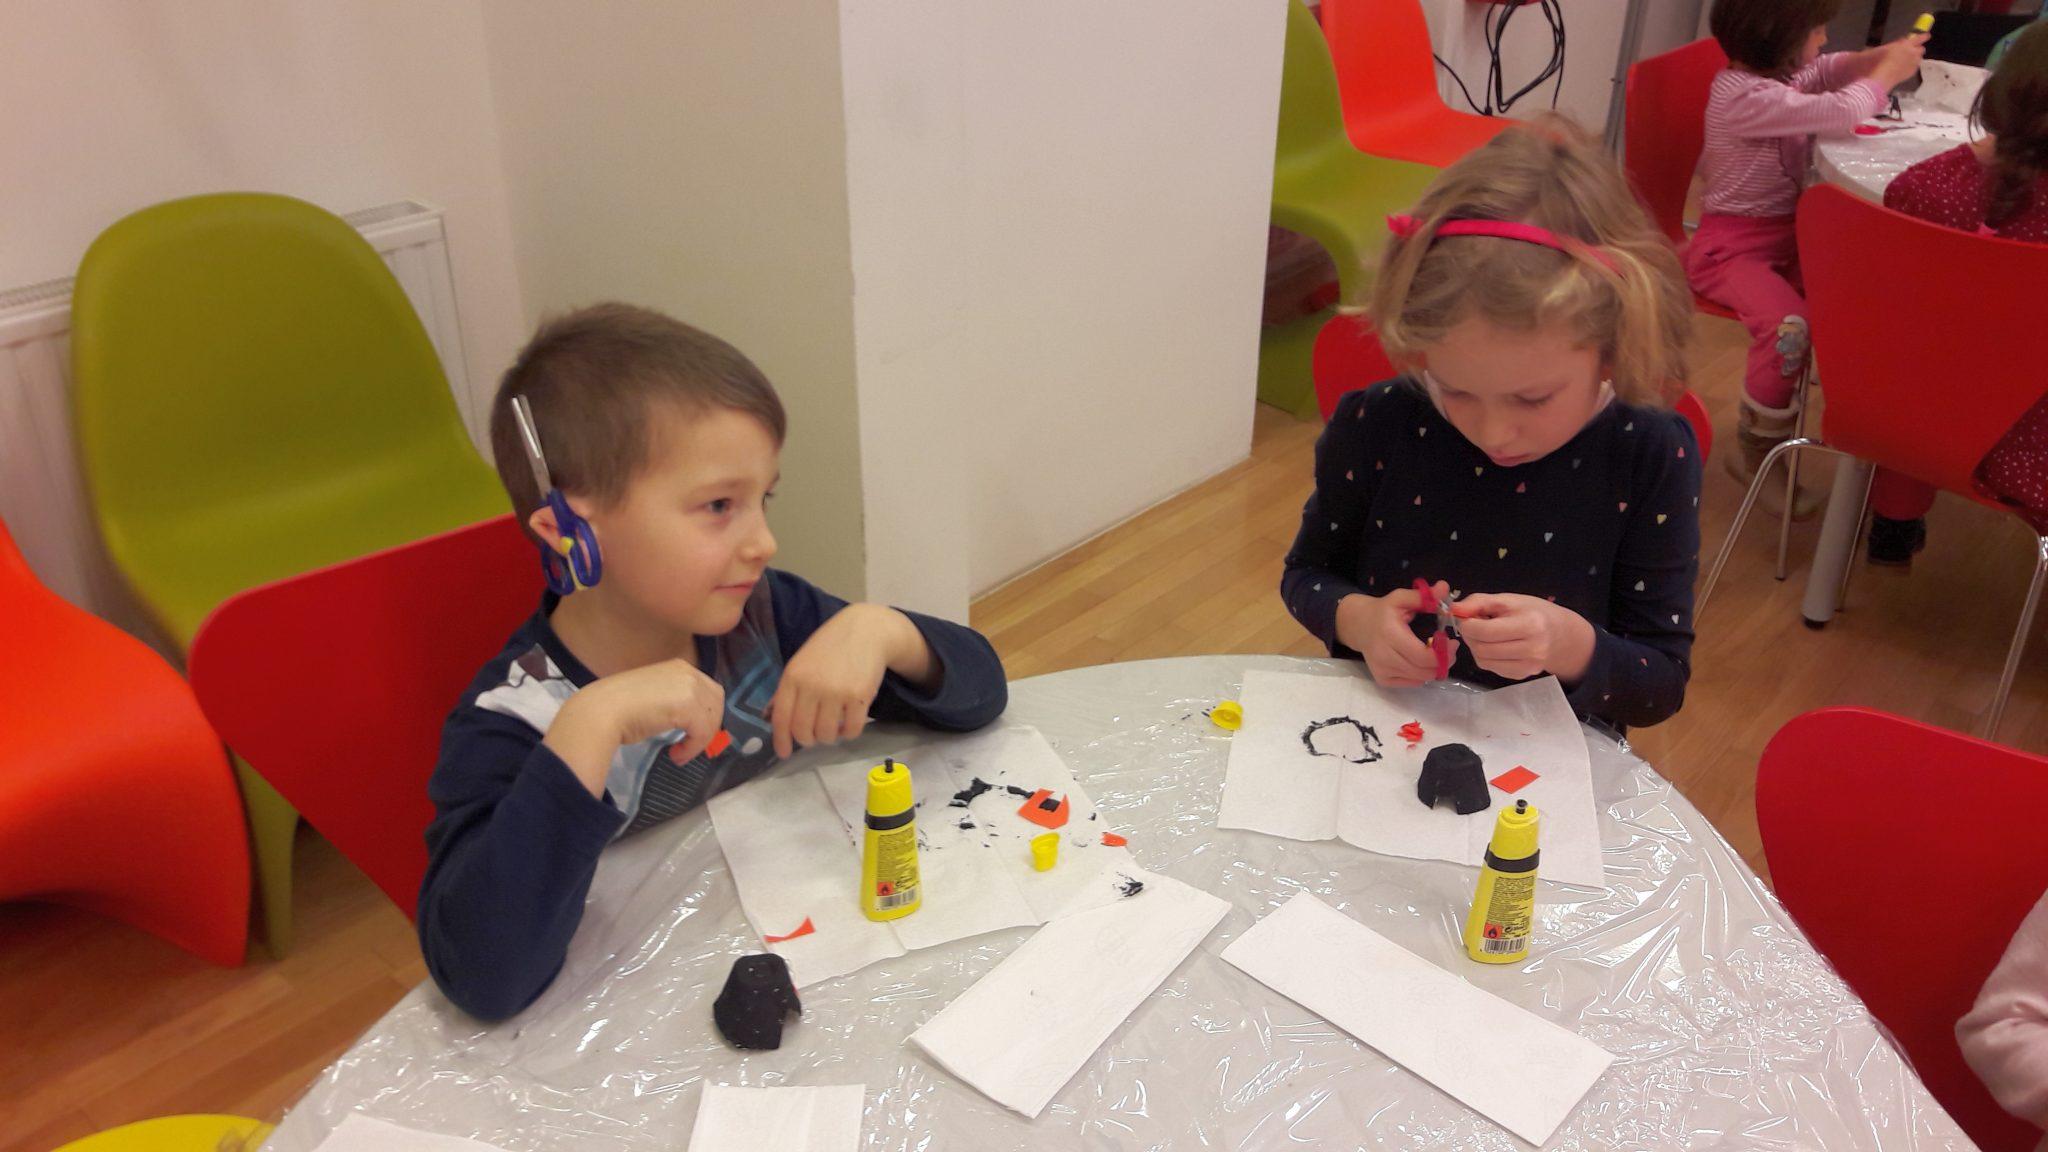 20170116 175444 - Pravljična urica z ustvarjalno delavnico za otroke od 4. leta dalje